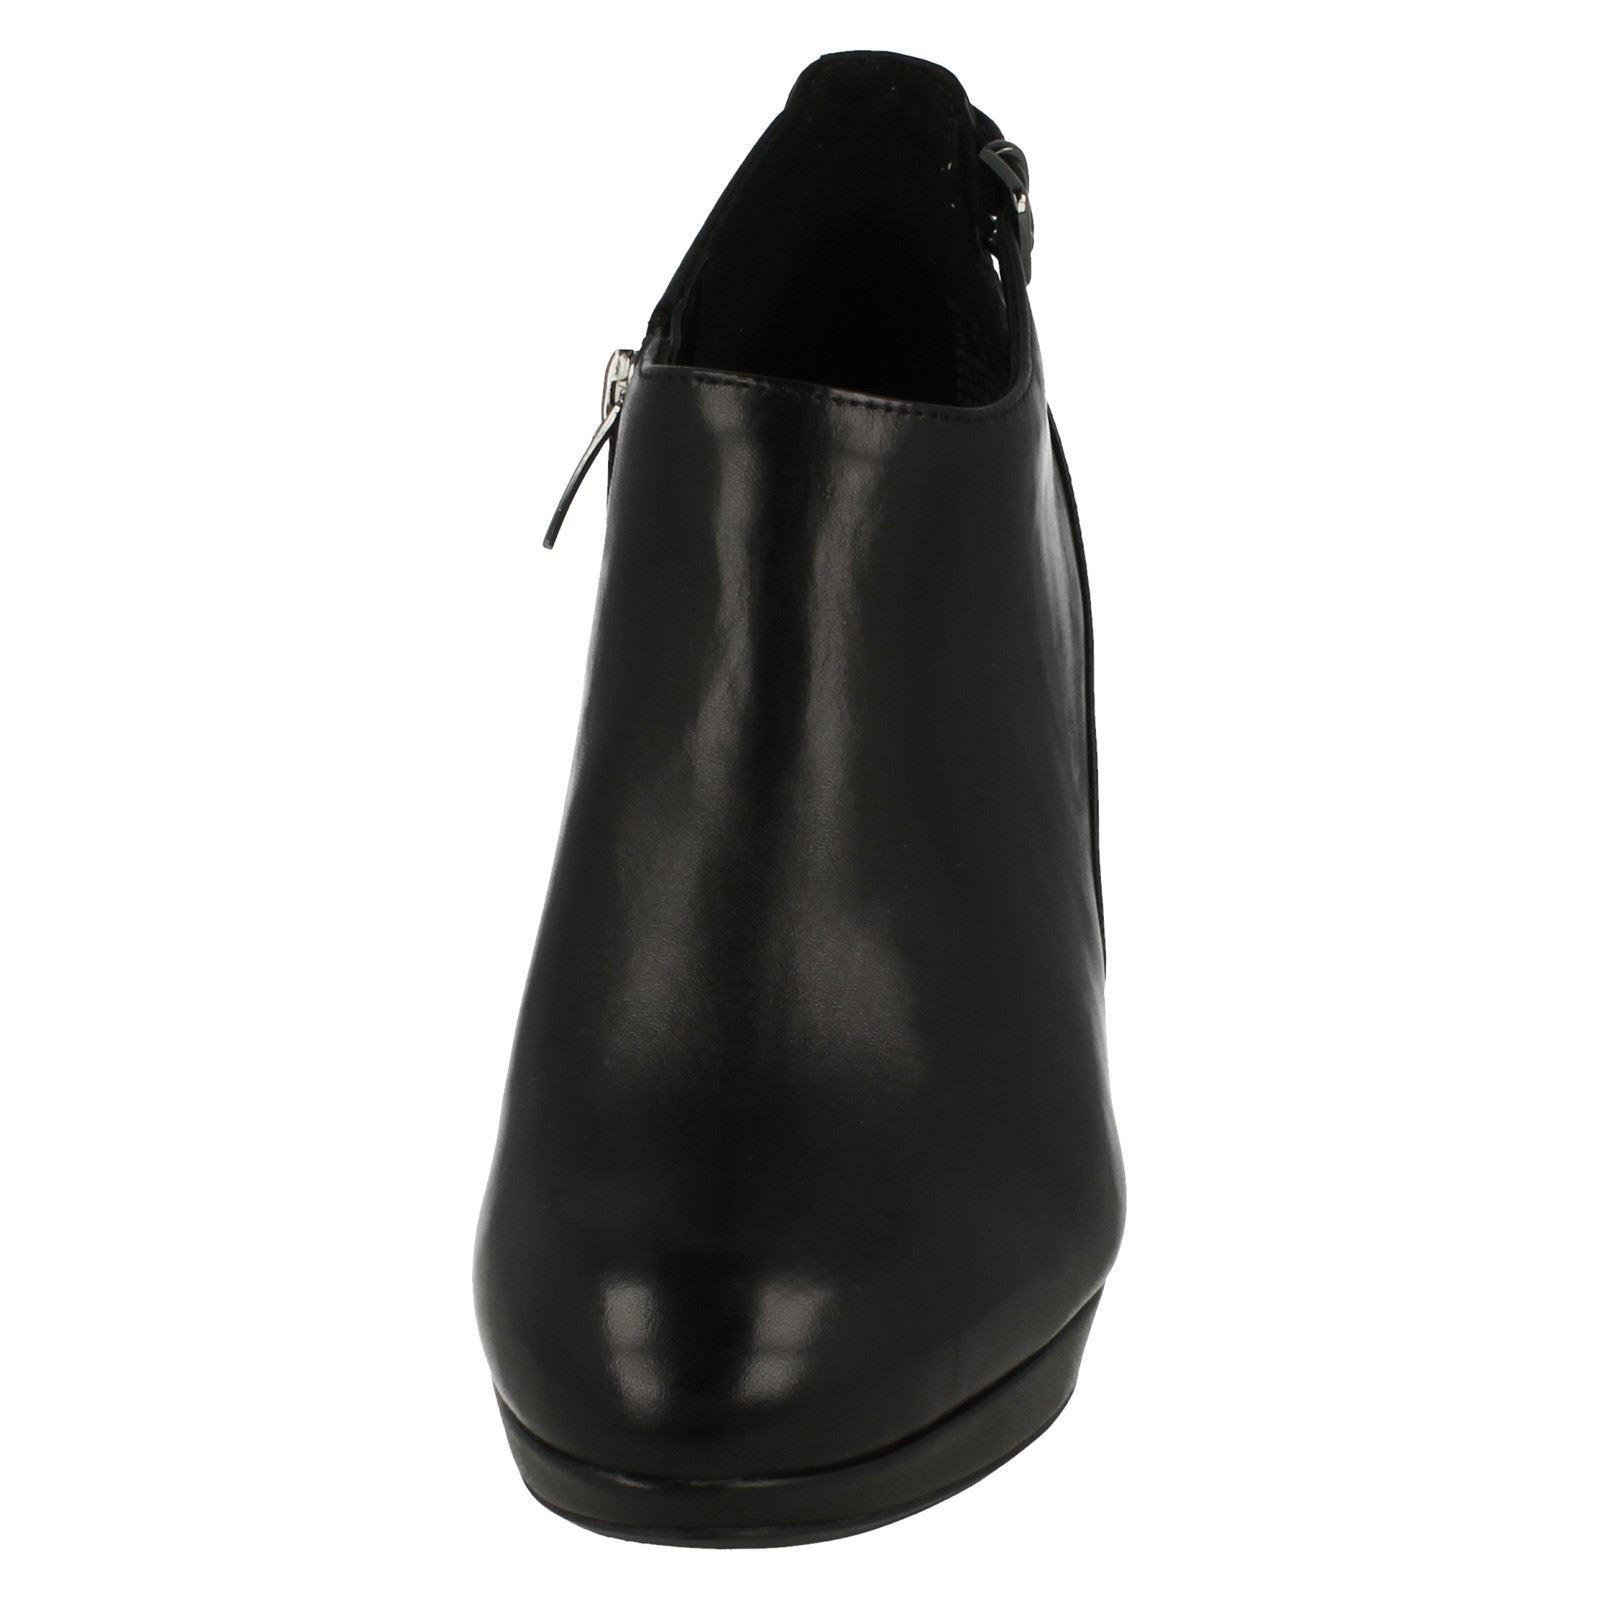 Sandali stile-Kendra Donna Clarks Stivaletti con tacco alto lo stile-Kendra Sandali Spice 13ae20